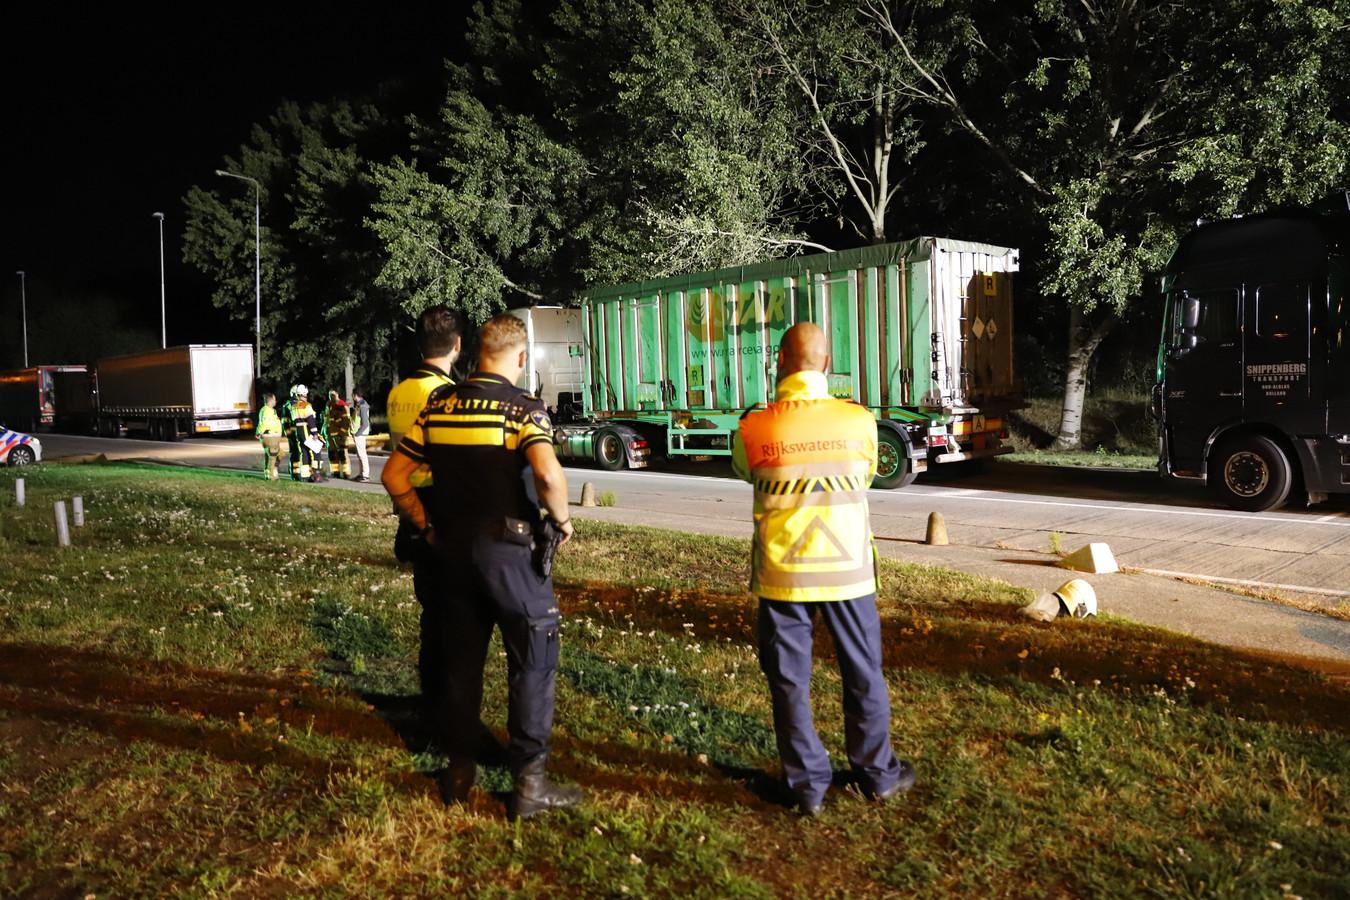 De brandweer is samen met de politie een onderzoek gestart naar een lekkage uit een vrachtwagen op parkeerplaats de Hondsiep langs de A73 bij Haps.